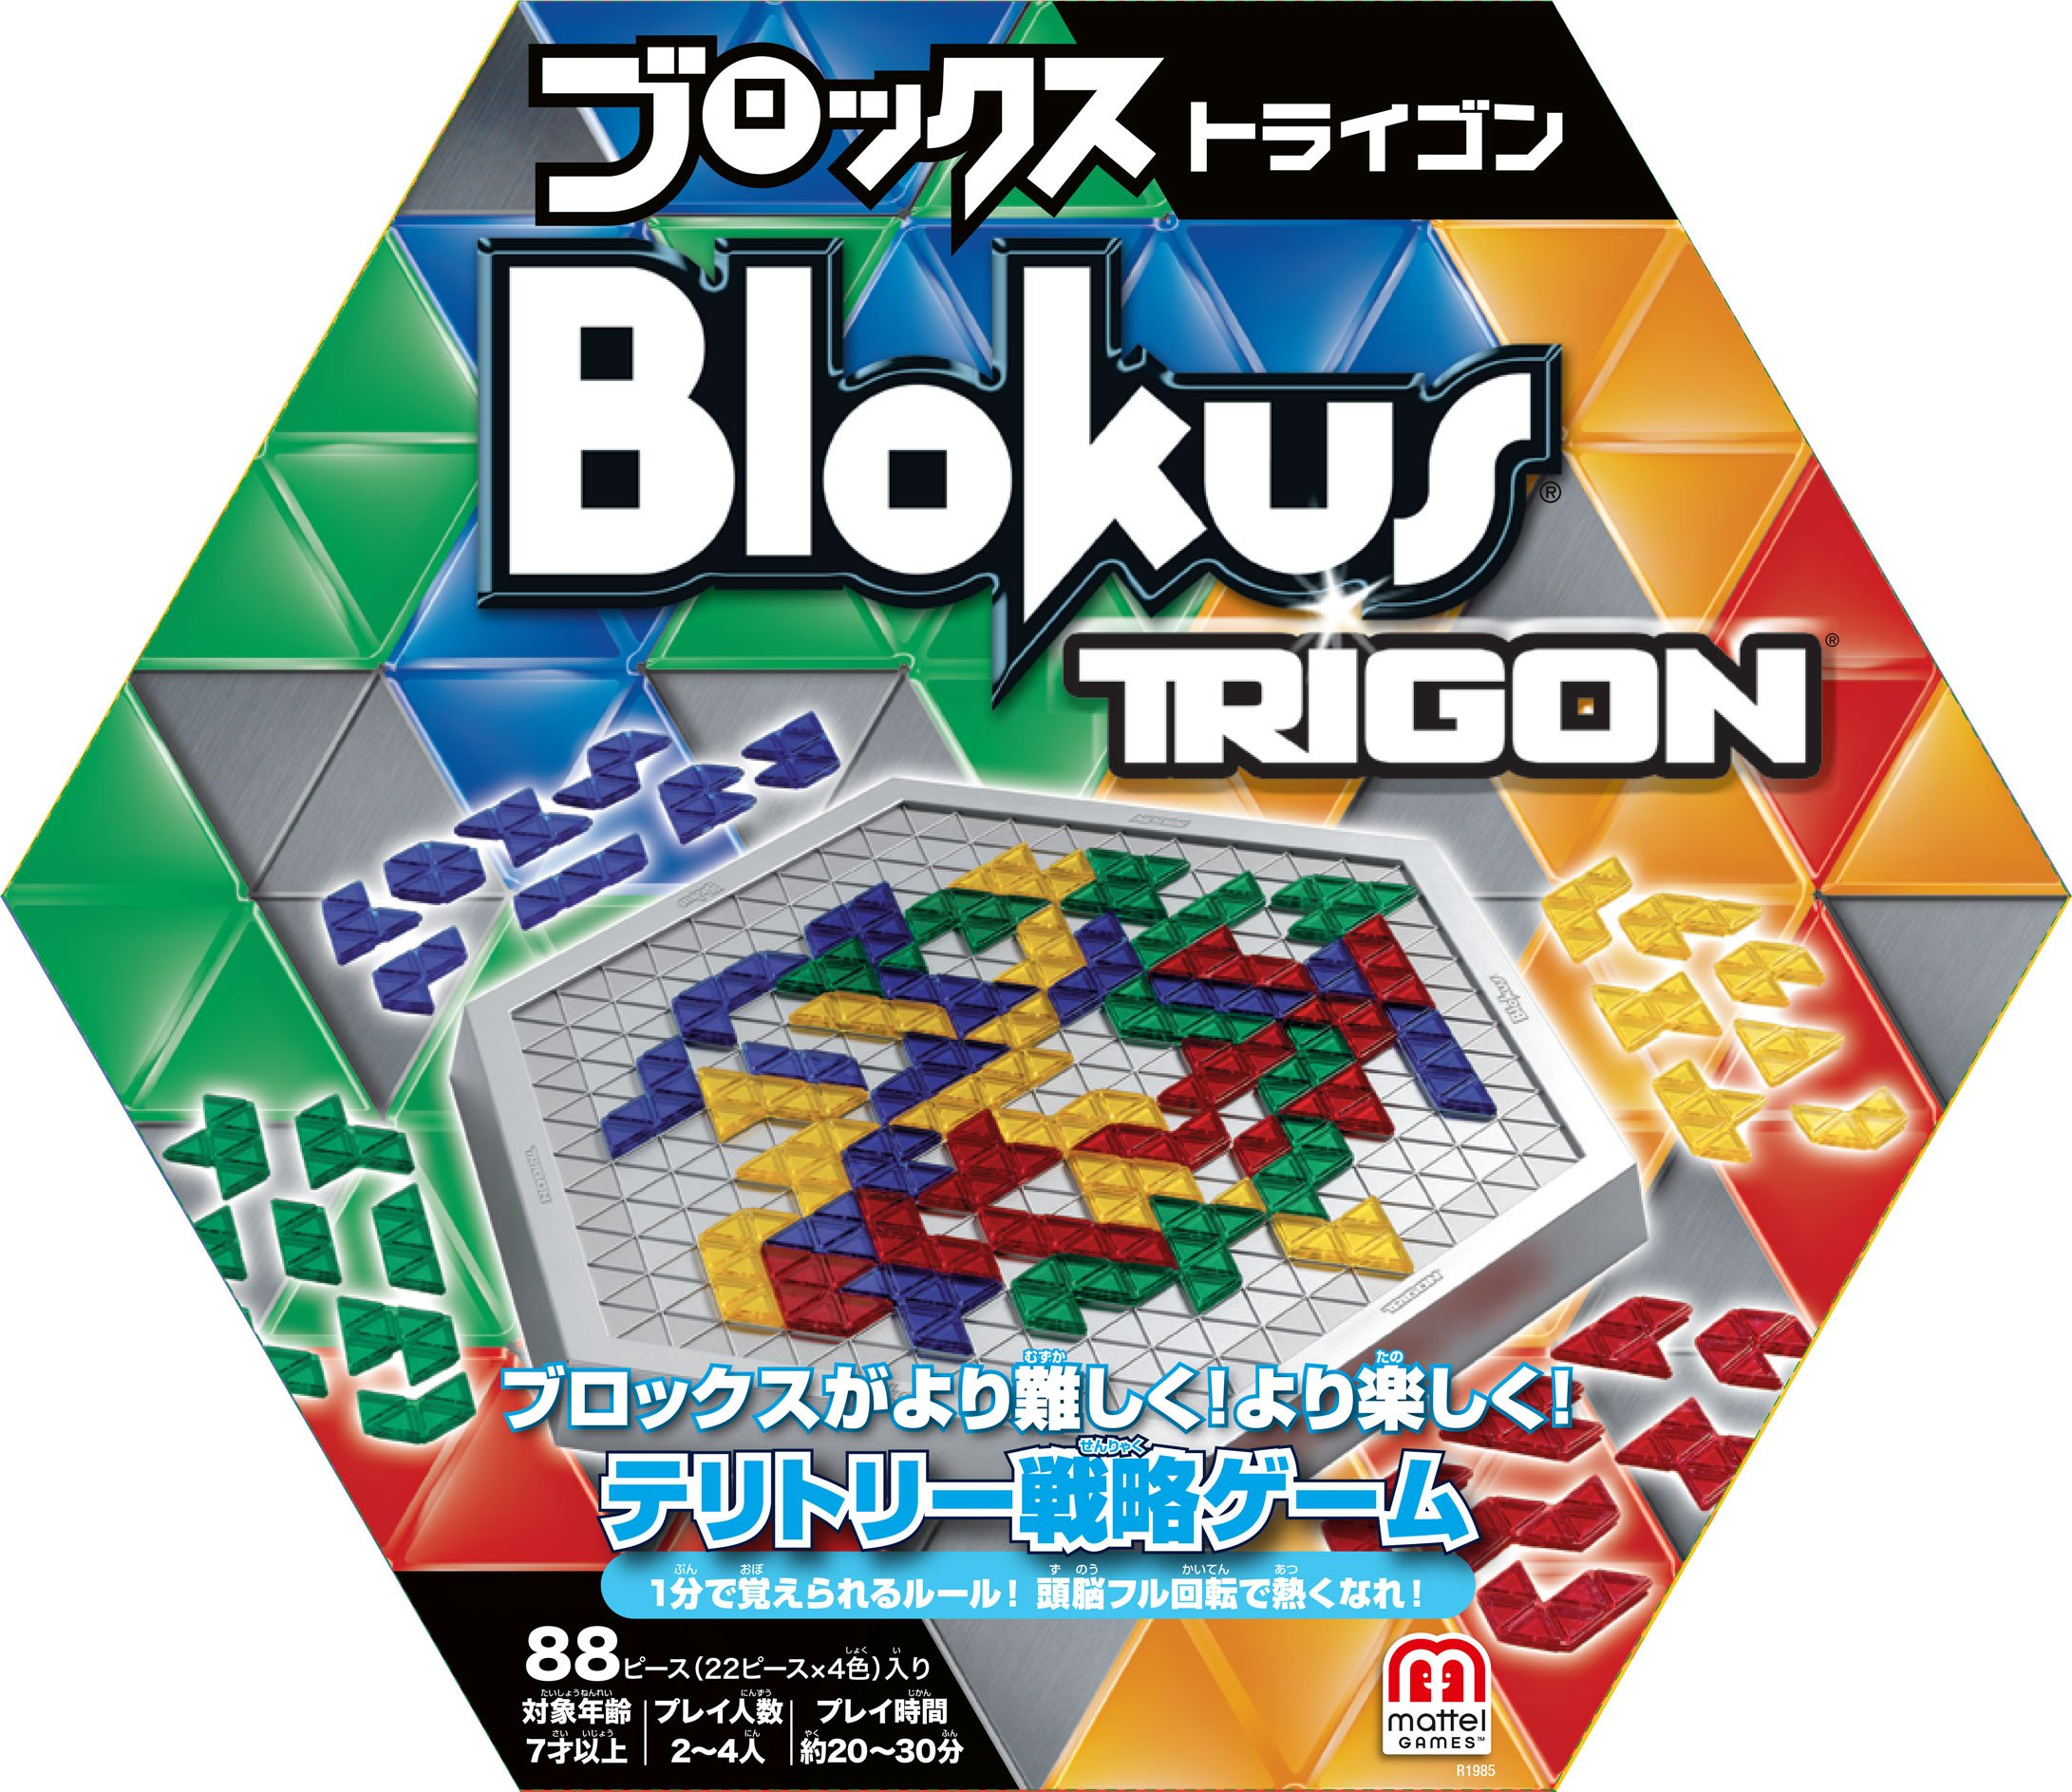 ブロックス トライゴン R1985 product image